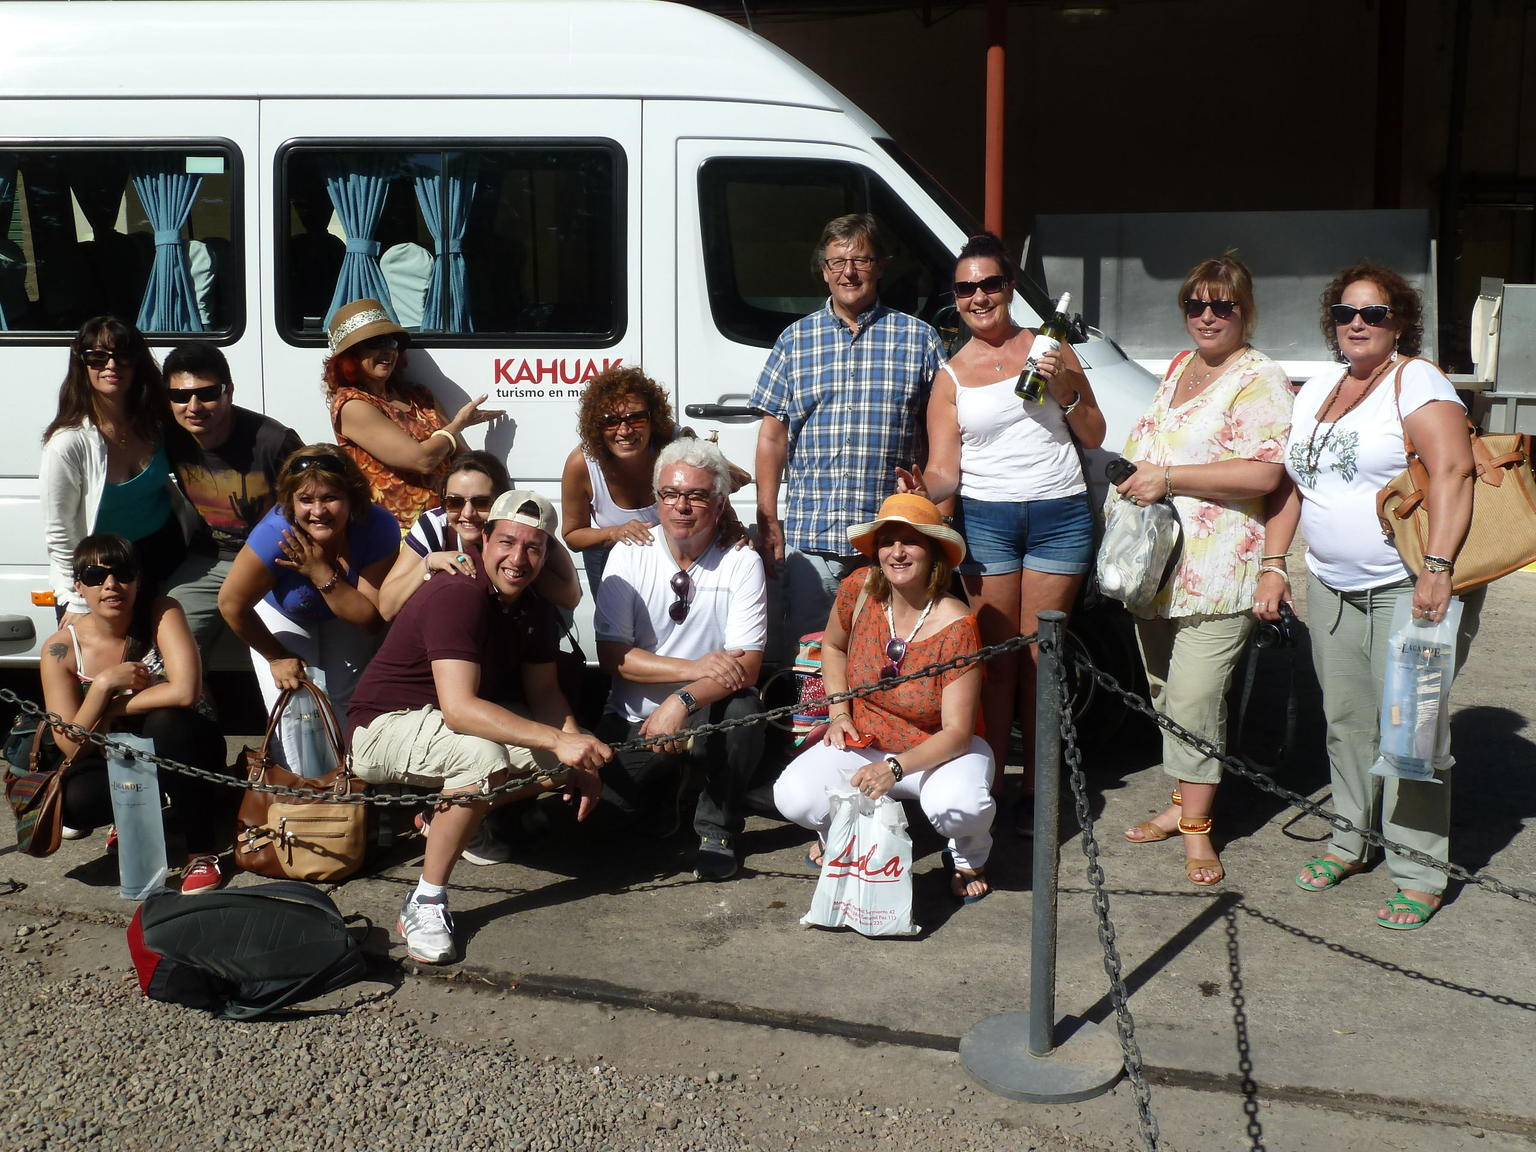 MAIS FOTOS, Tour do vinho em Mendoza com almoço